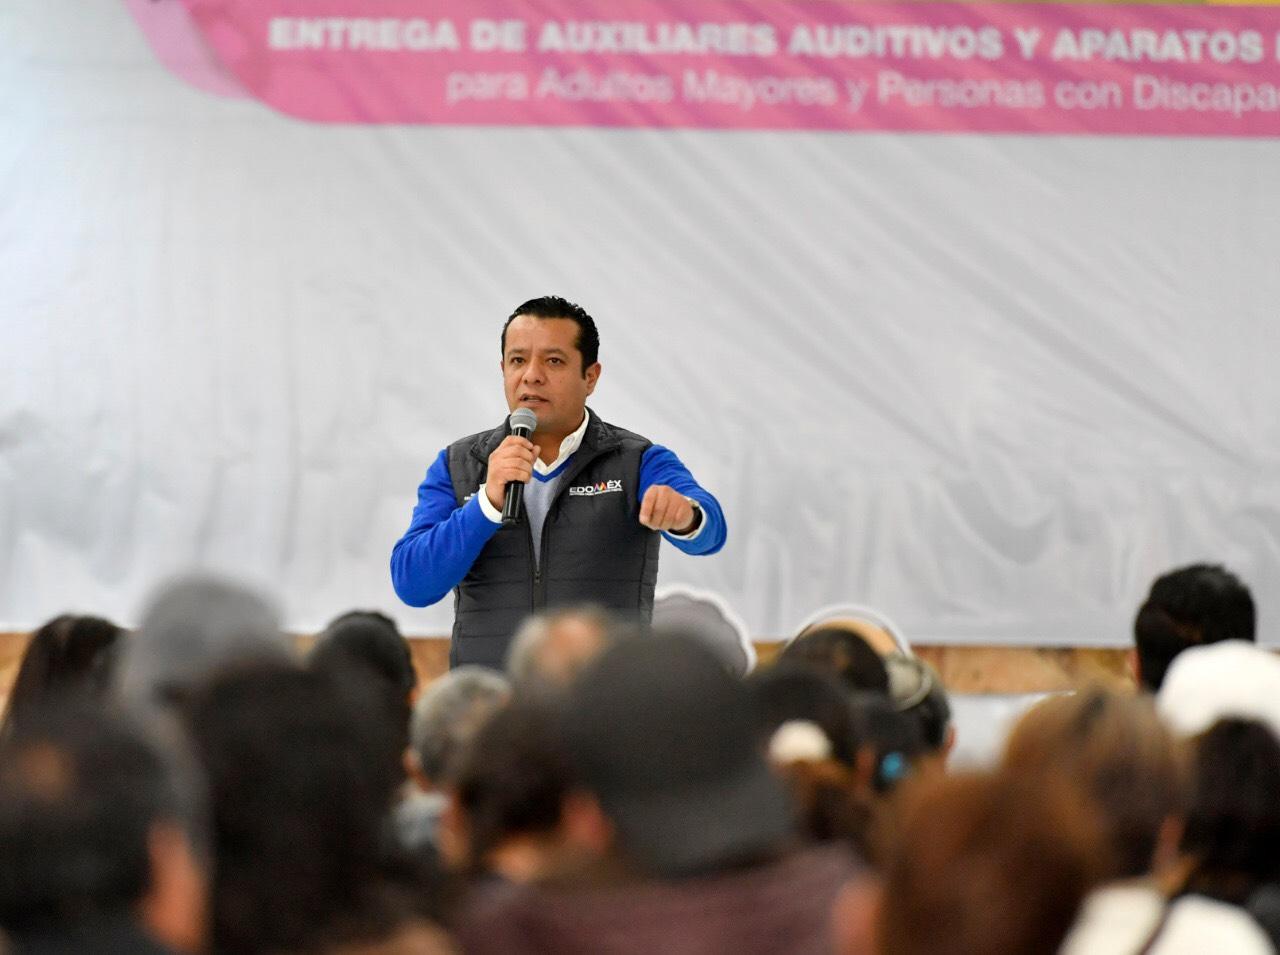 DIFEM DUPLICA ENTREGA DE APARATOS AUDITIVOS PARA PERSONAS ADULTAS MAYORES Y CON DISCAPACIDAD